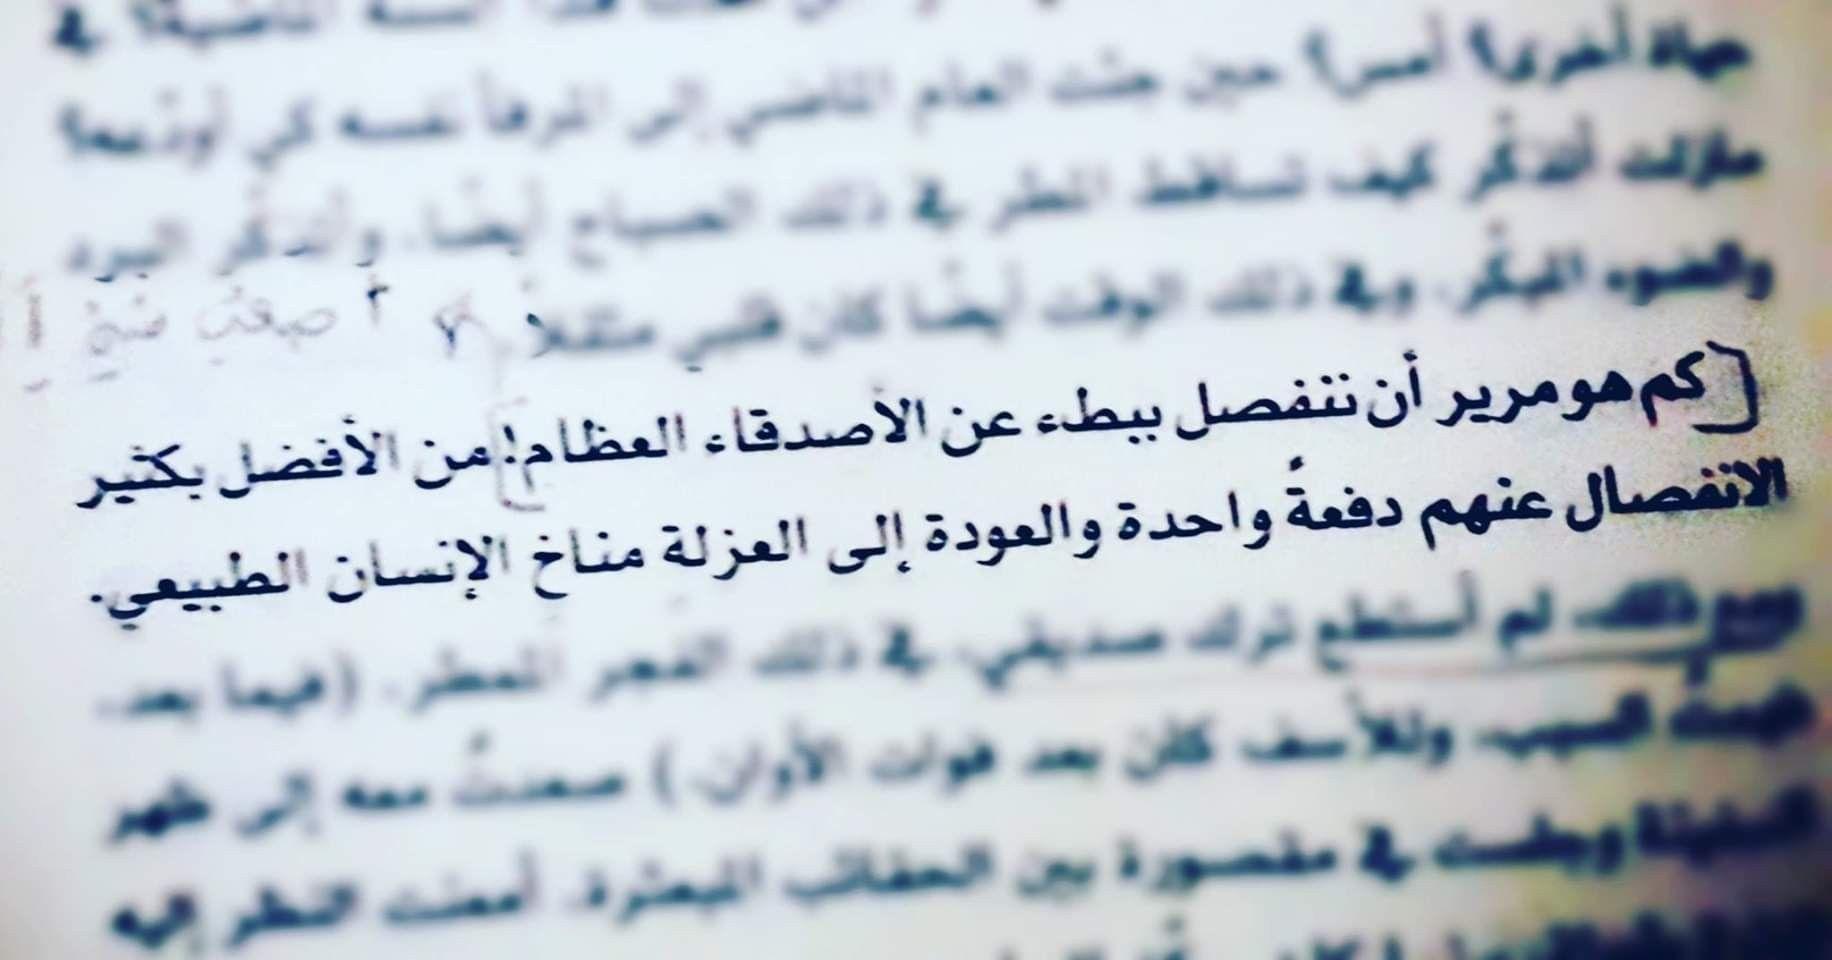 رواية زوربا اليوناني Math Calligraphy Arabic Calligraphy